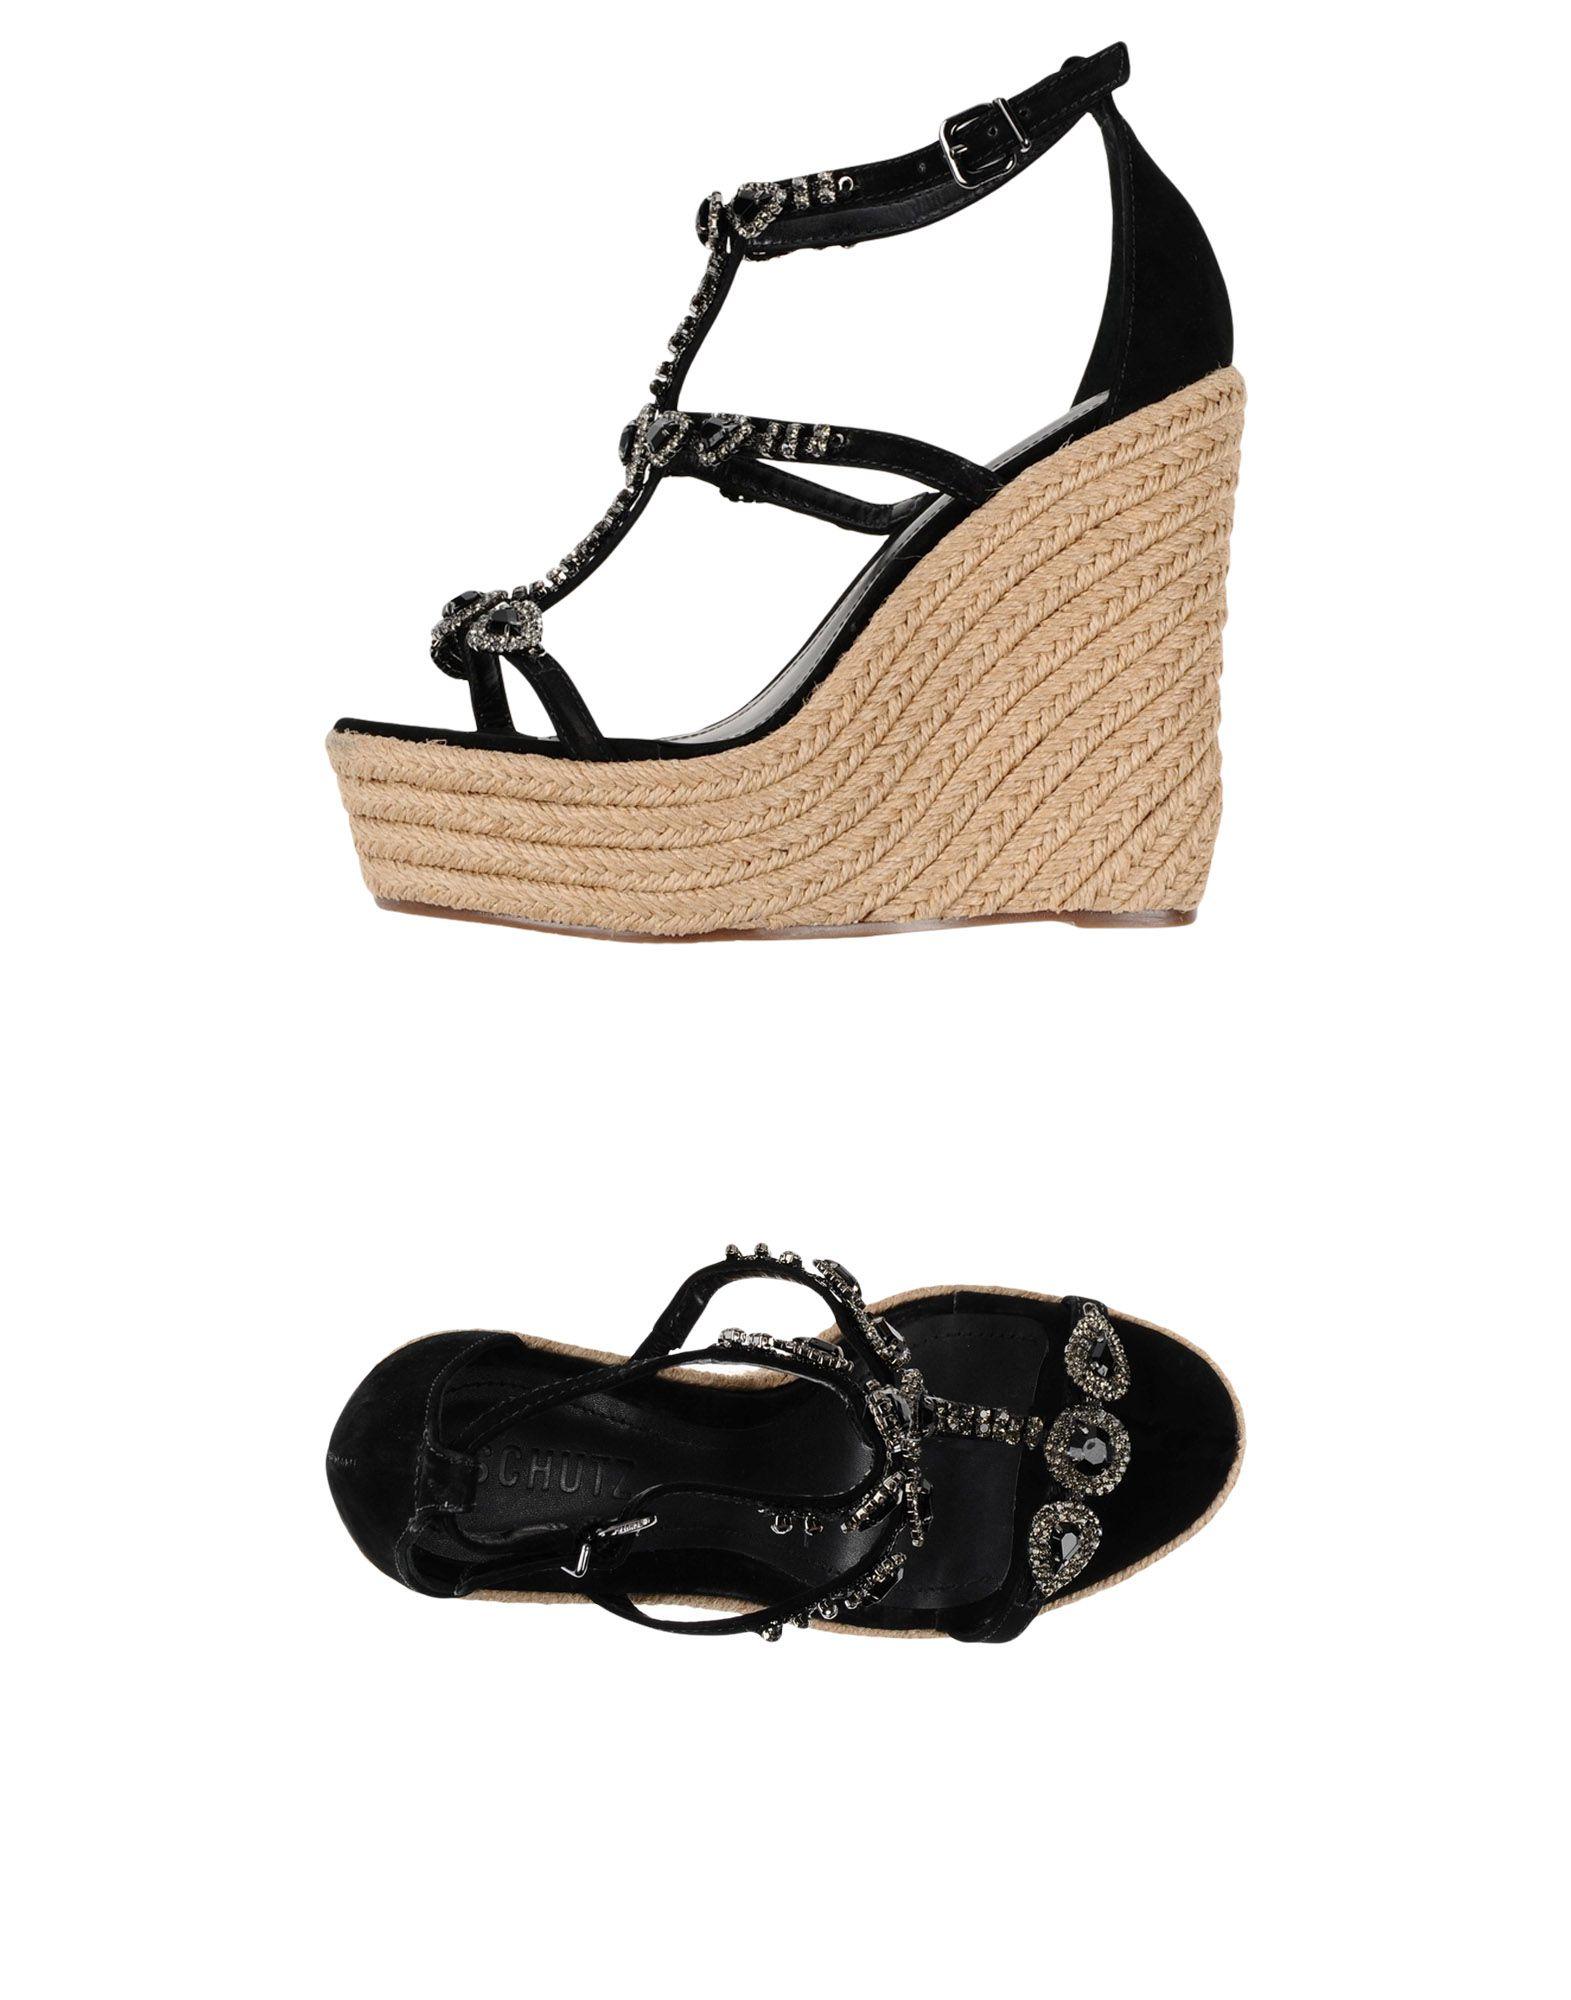 Schutz Sandalen Damen  11439752DL Gute Qualität beliebte Schuhe